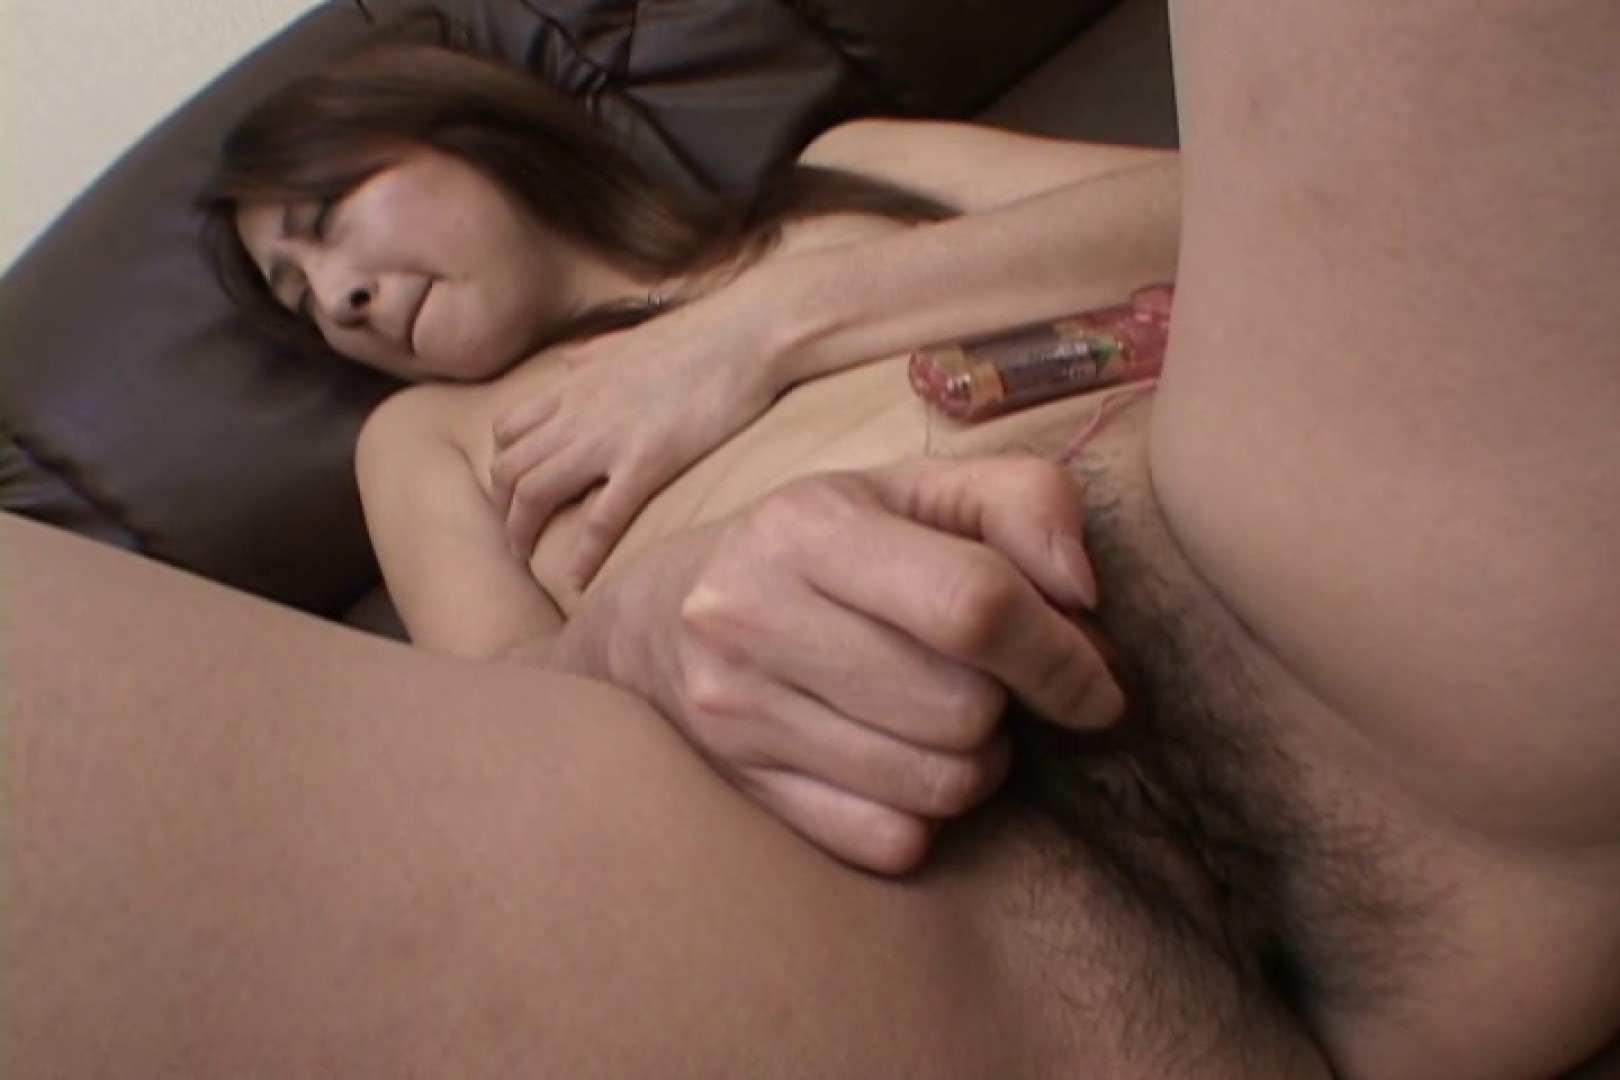 オナニー好きの綺麗なお姉さんと楽しくSEX~姫野あかね~ 超エロお姉さん  83枚 78